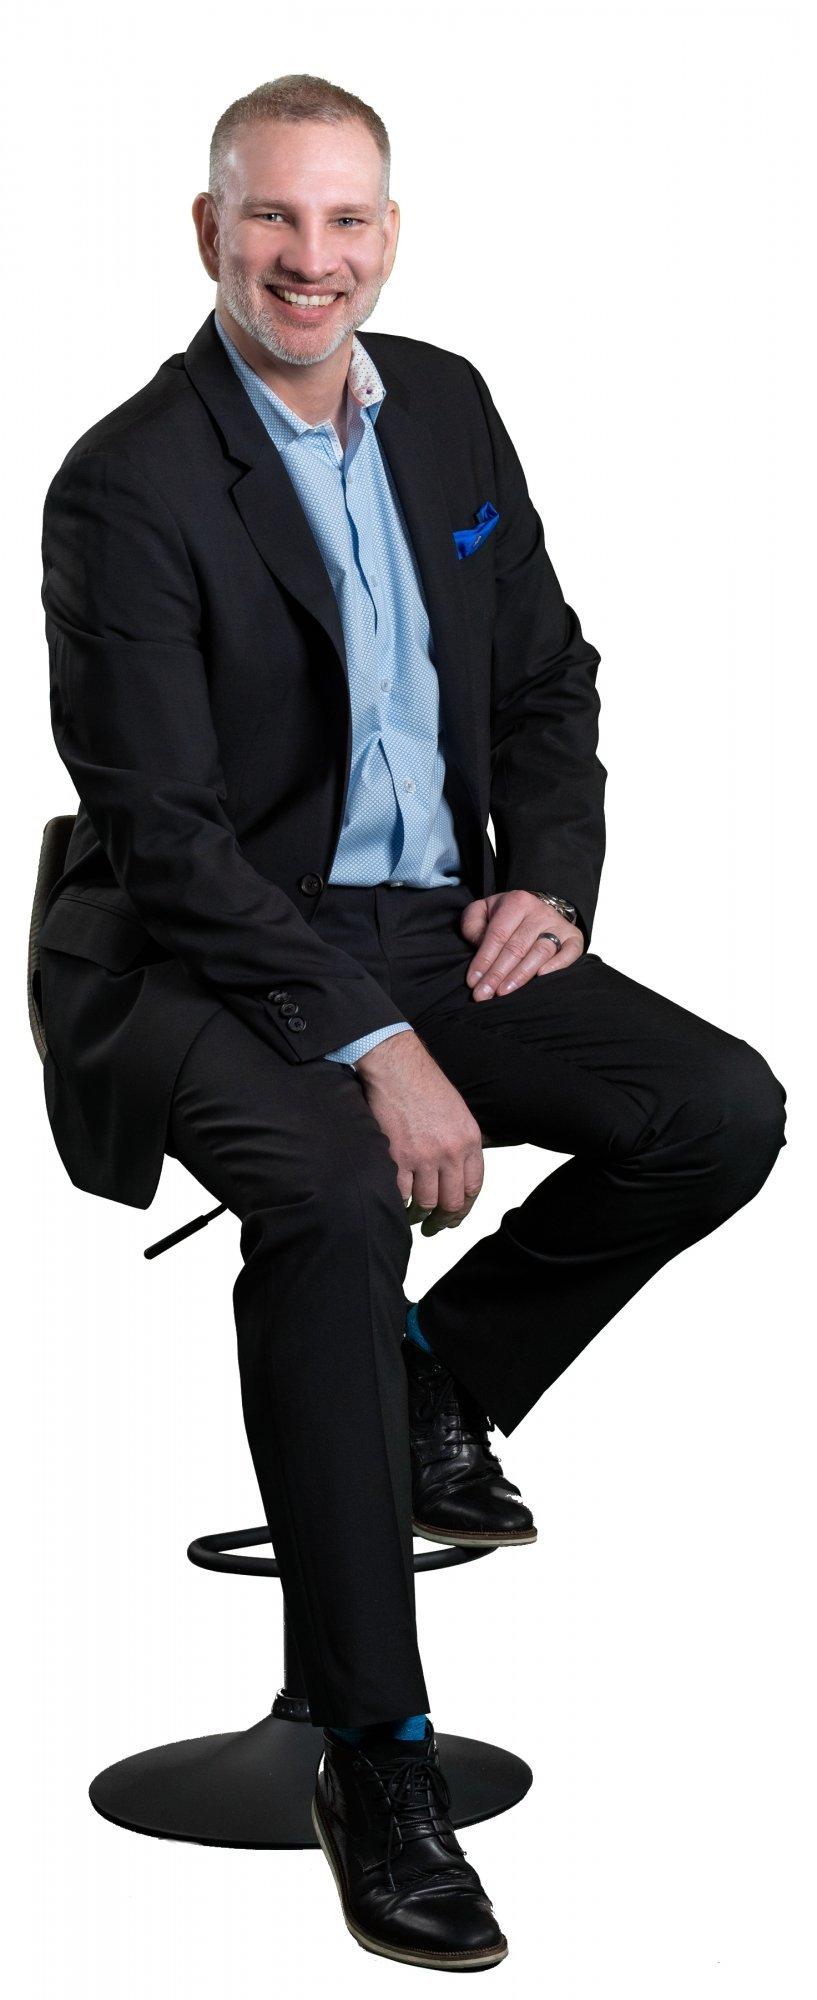 Christopher Audette